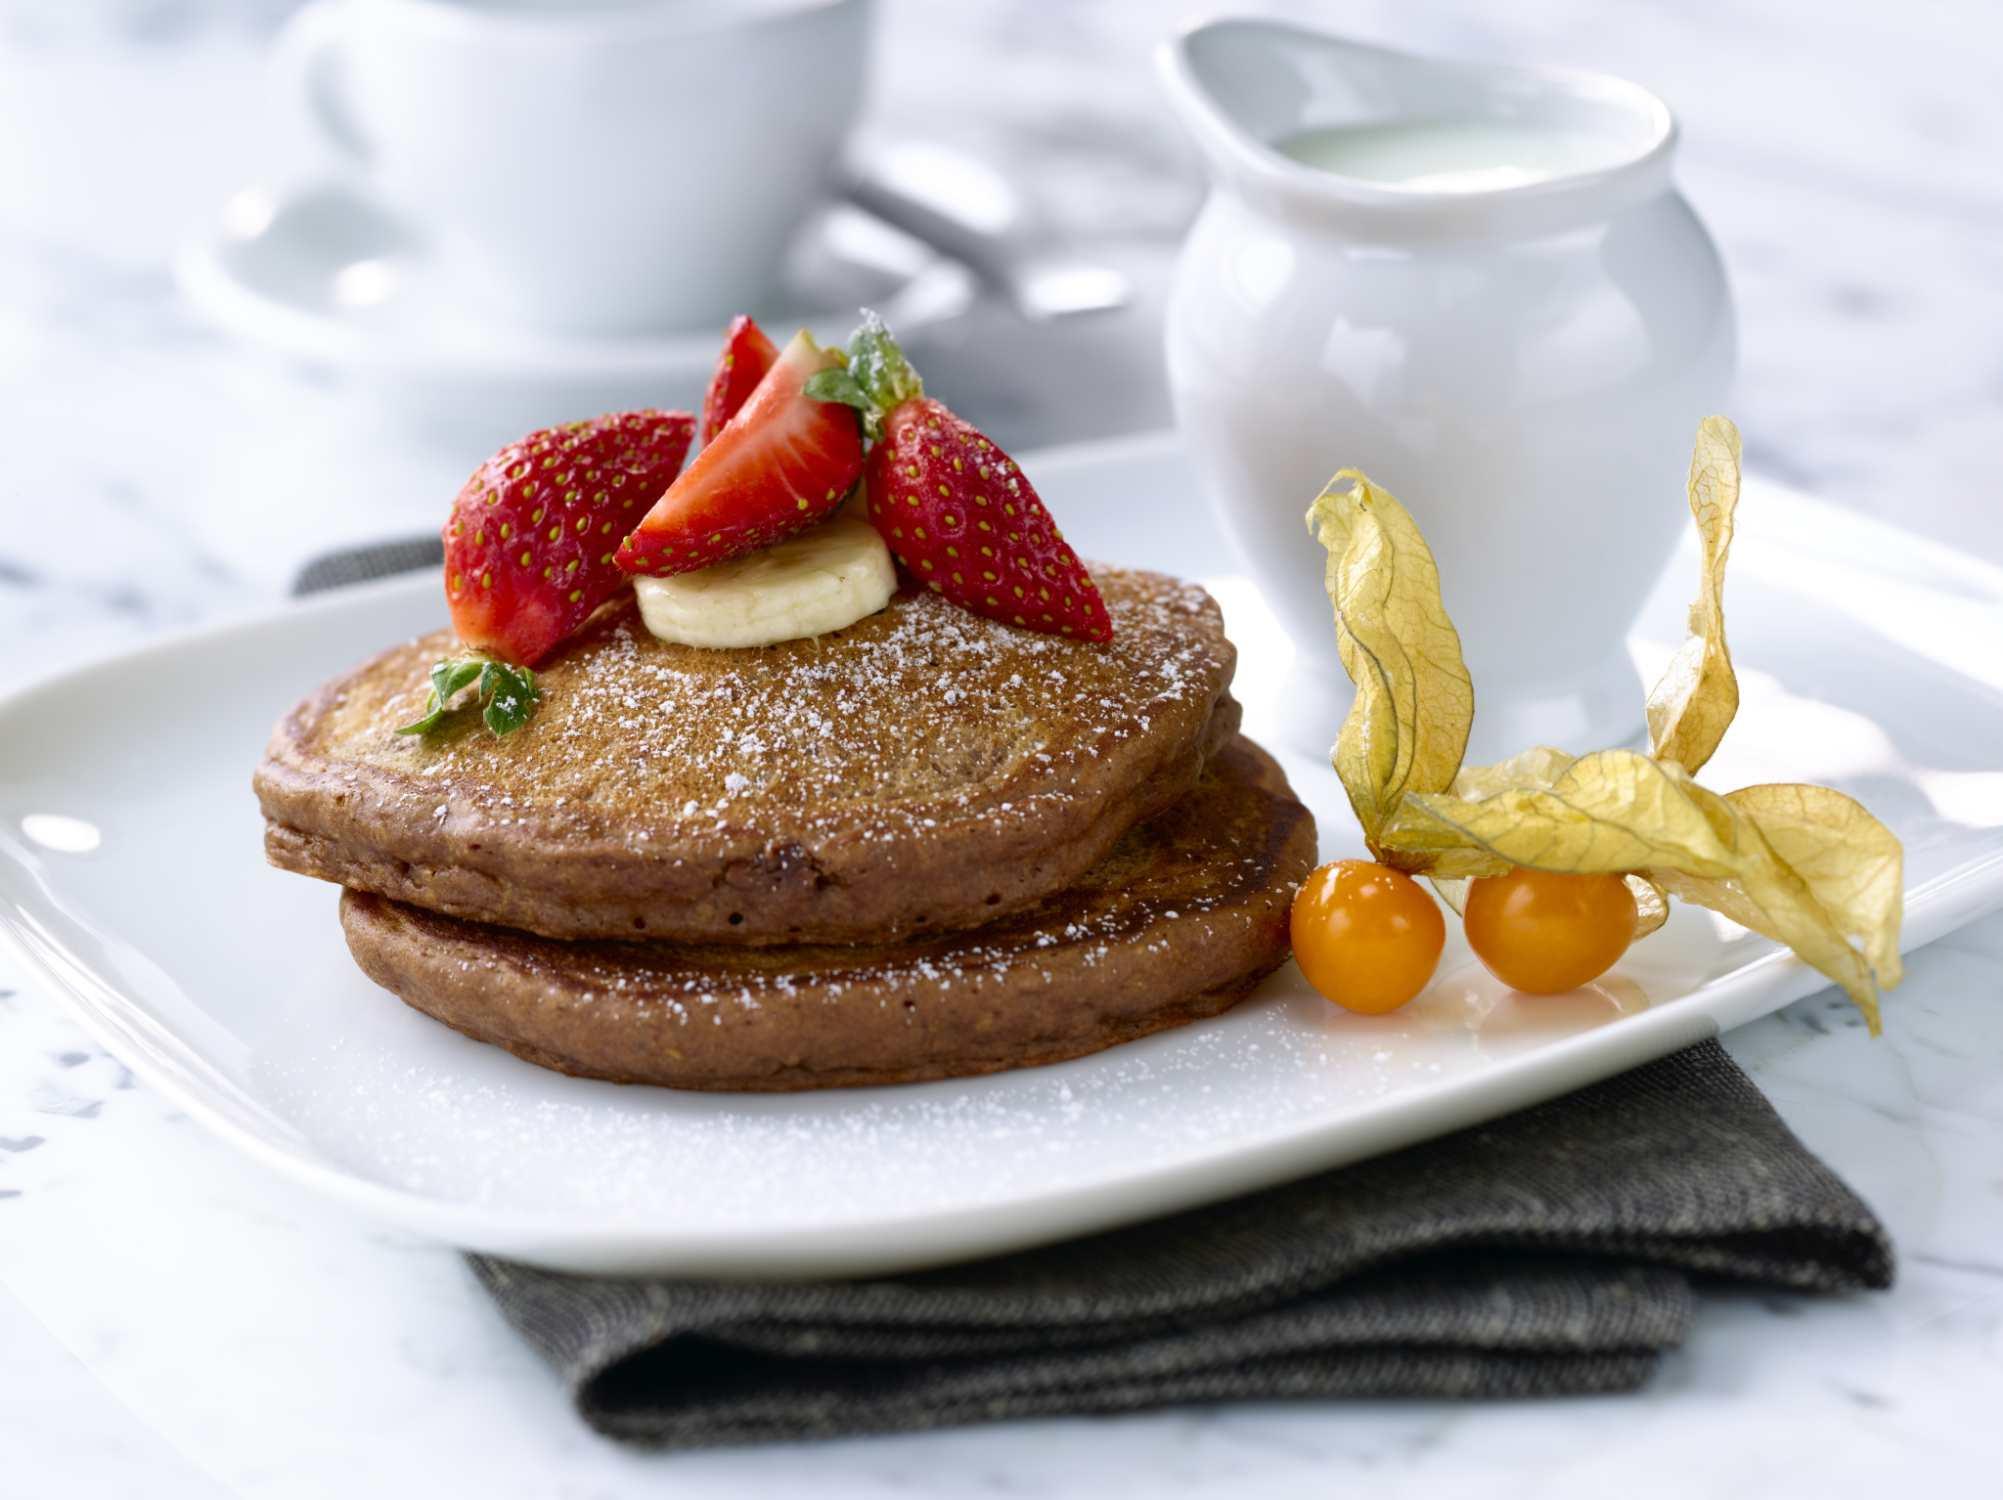 panqueques integrales, el desayuno, desayuno saludable, desayuno nutritivo, comida sana,